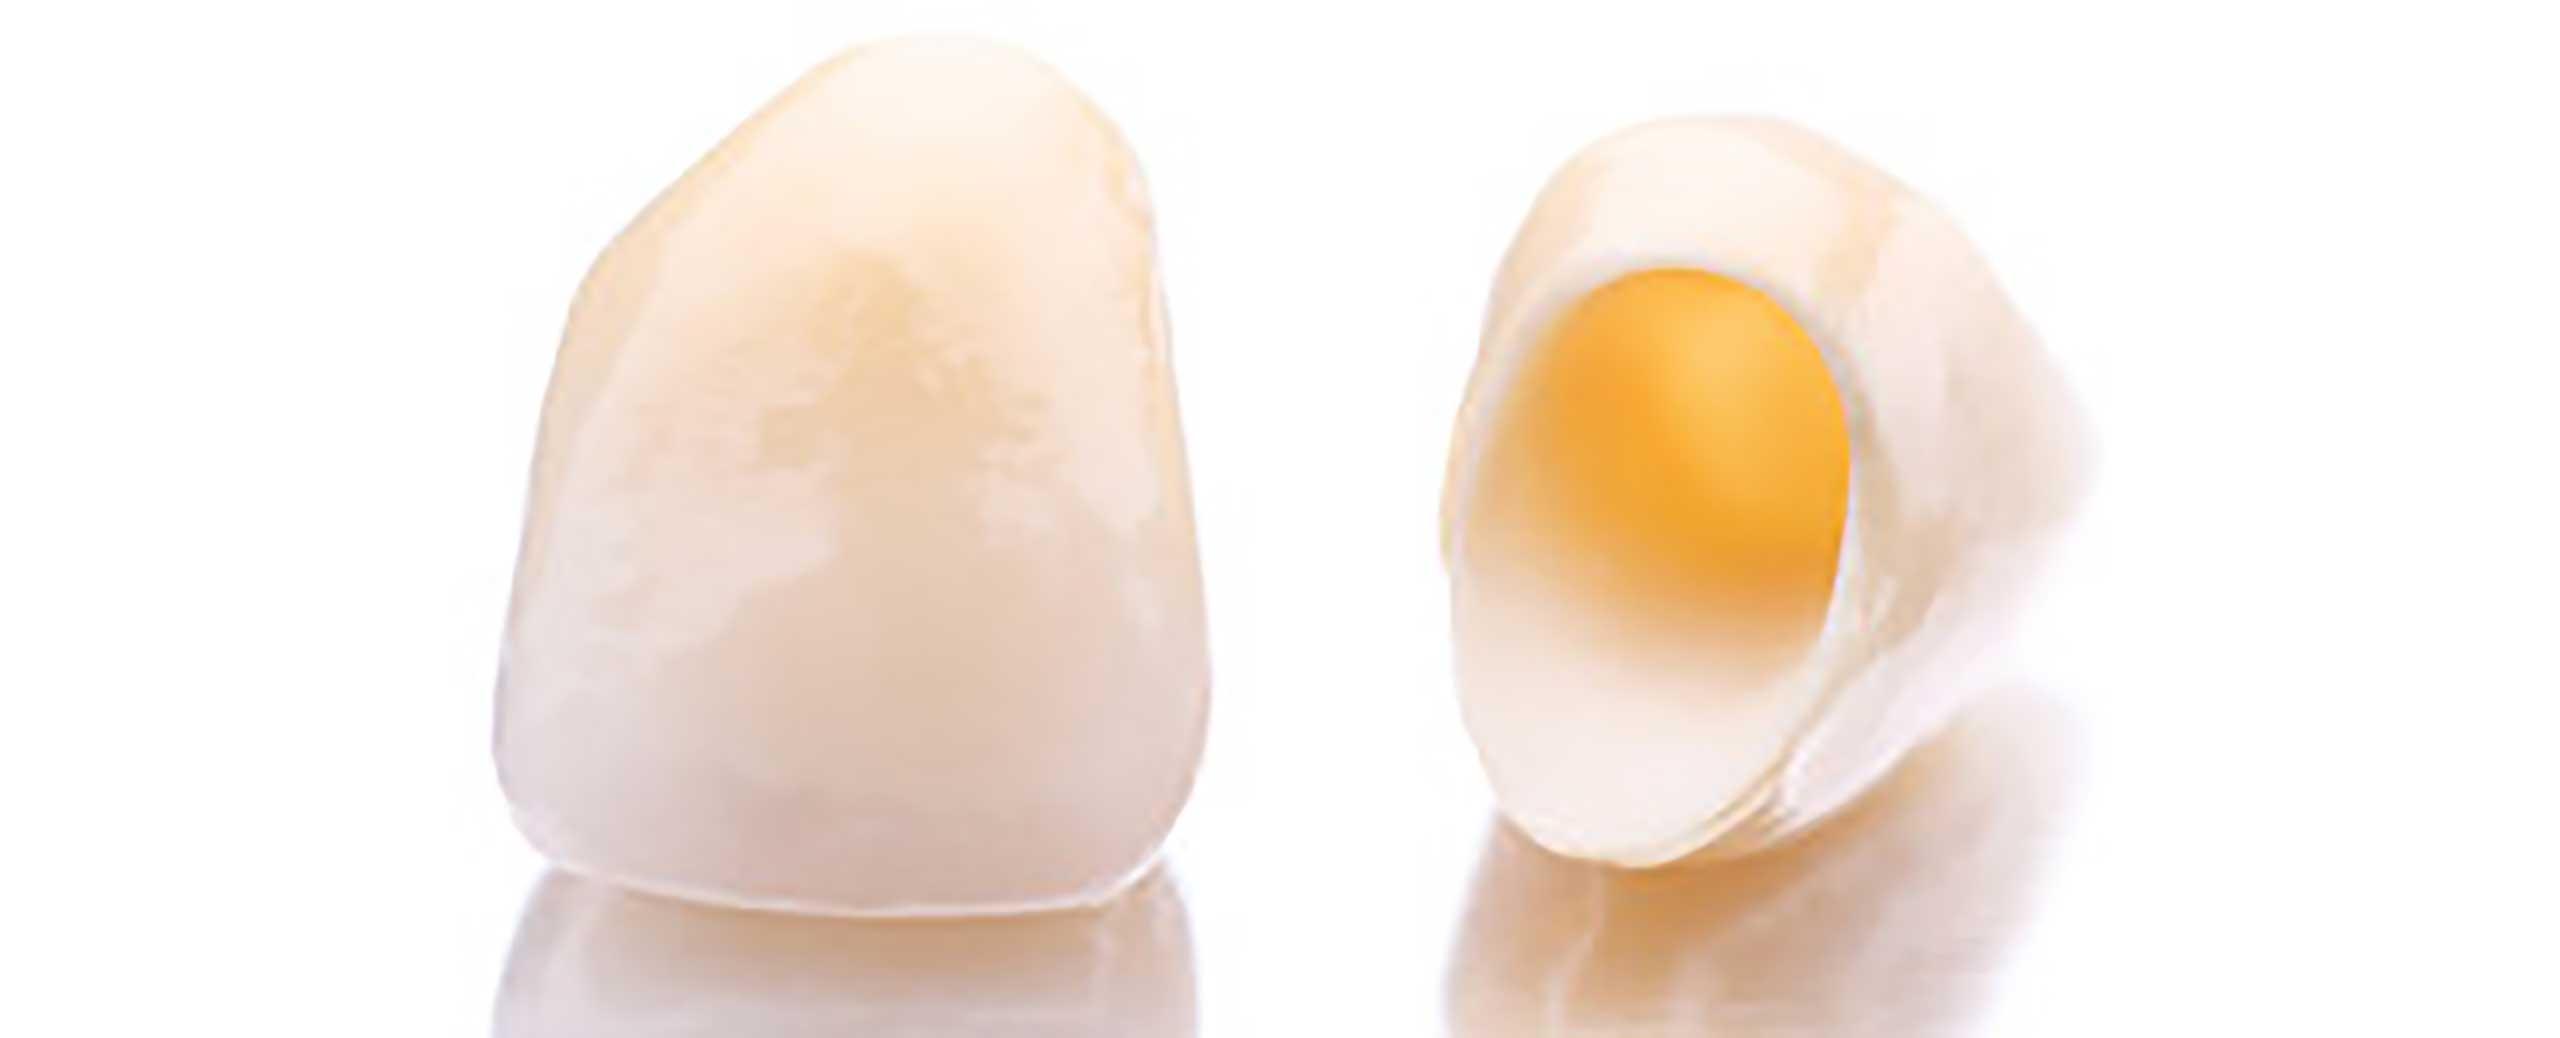 implantologie bei elegant zahn